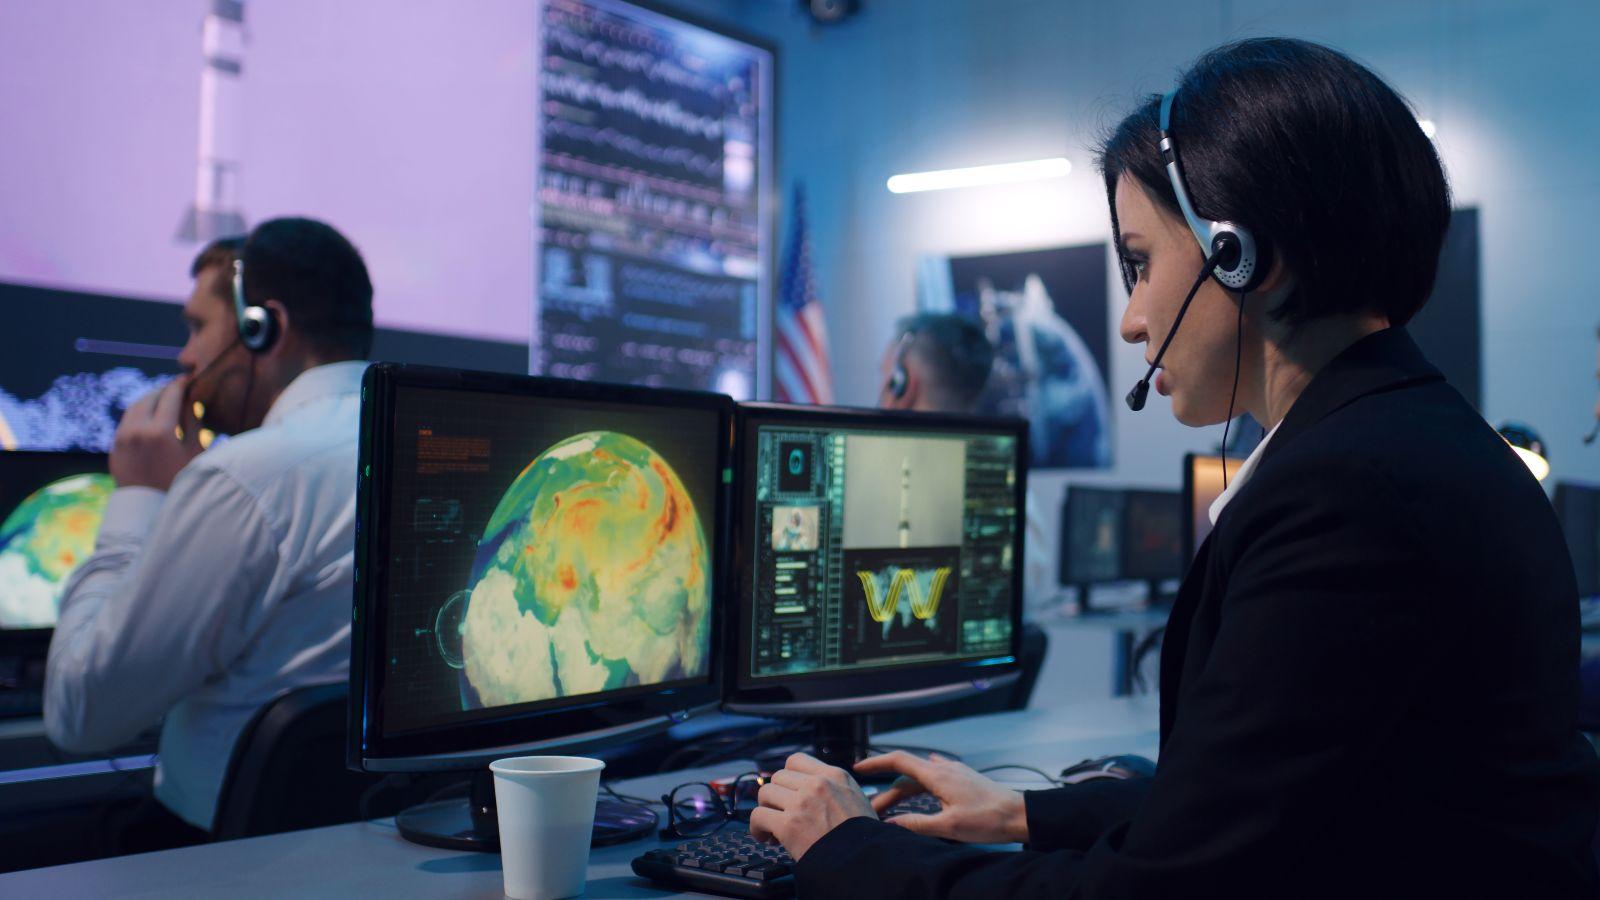 Eine Frau im Anzug und Headset sitzt vor einem Monitor auf dem die Erde vom Weltall aus betrachtet zu sehen ist. Im Hintergrund sitzt ein Mann vor einem Bildschirm.